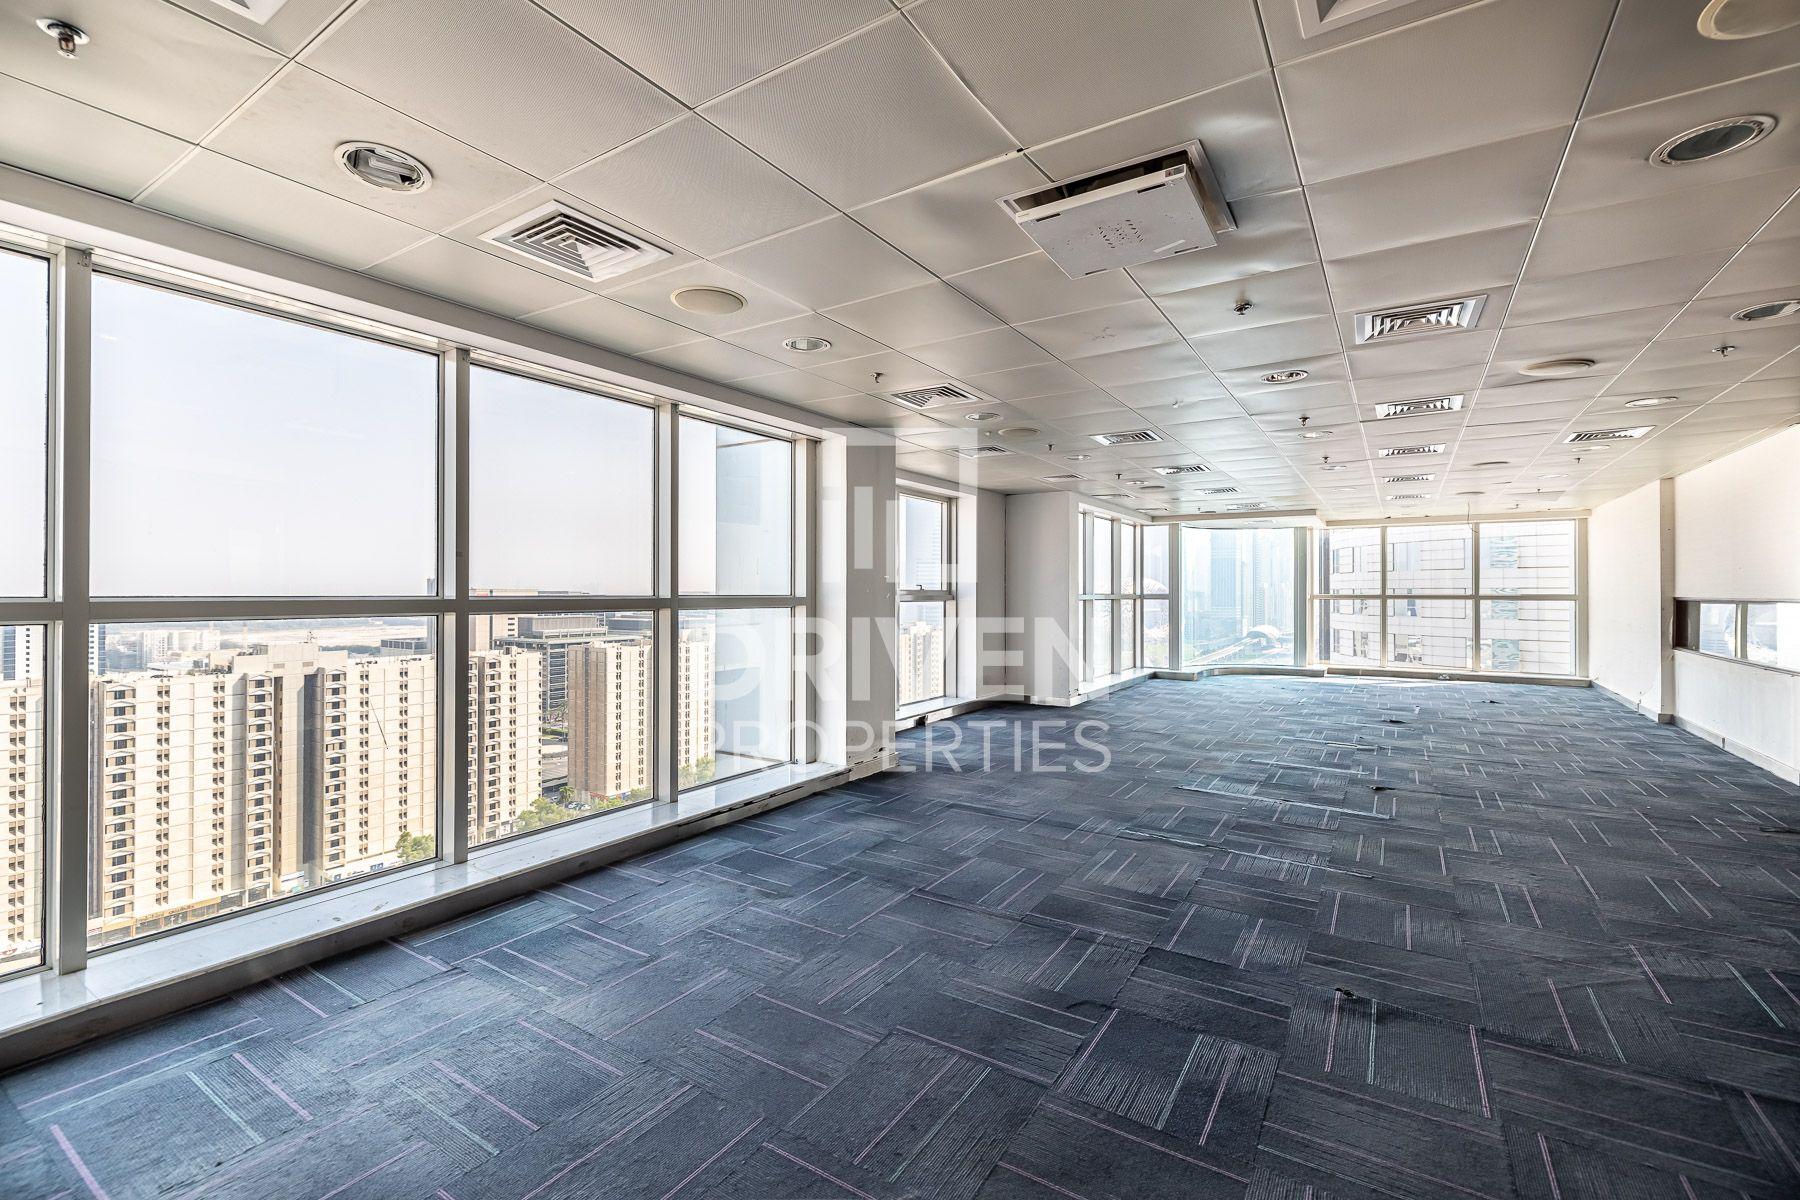 للايجار - مكتب - اي بي اي وورلد تاور - شارع الشيخ زايد